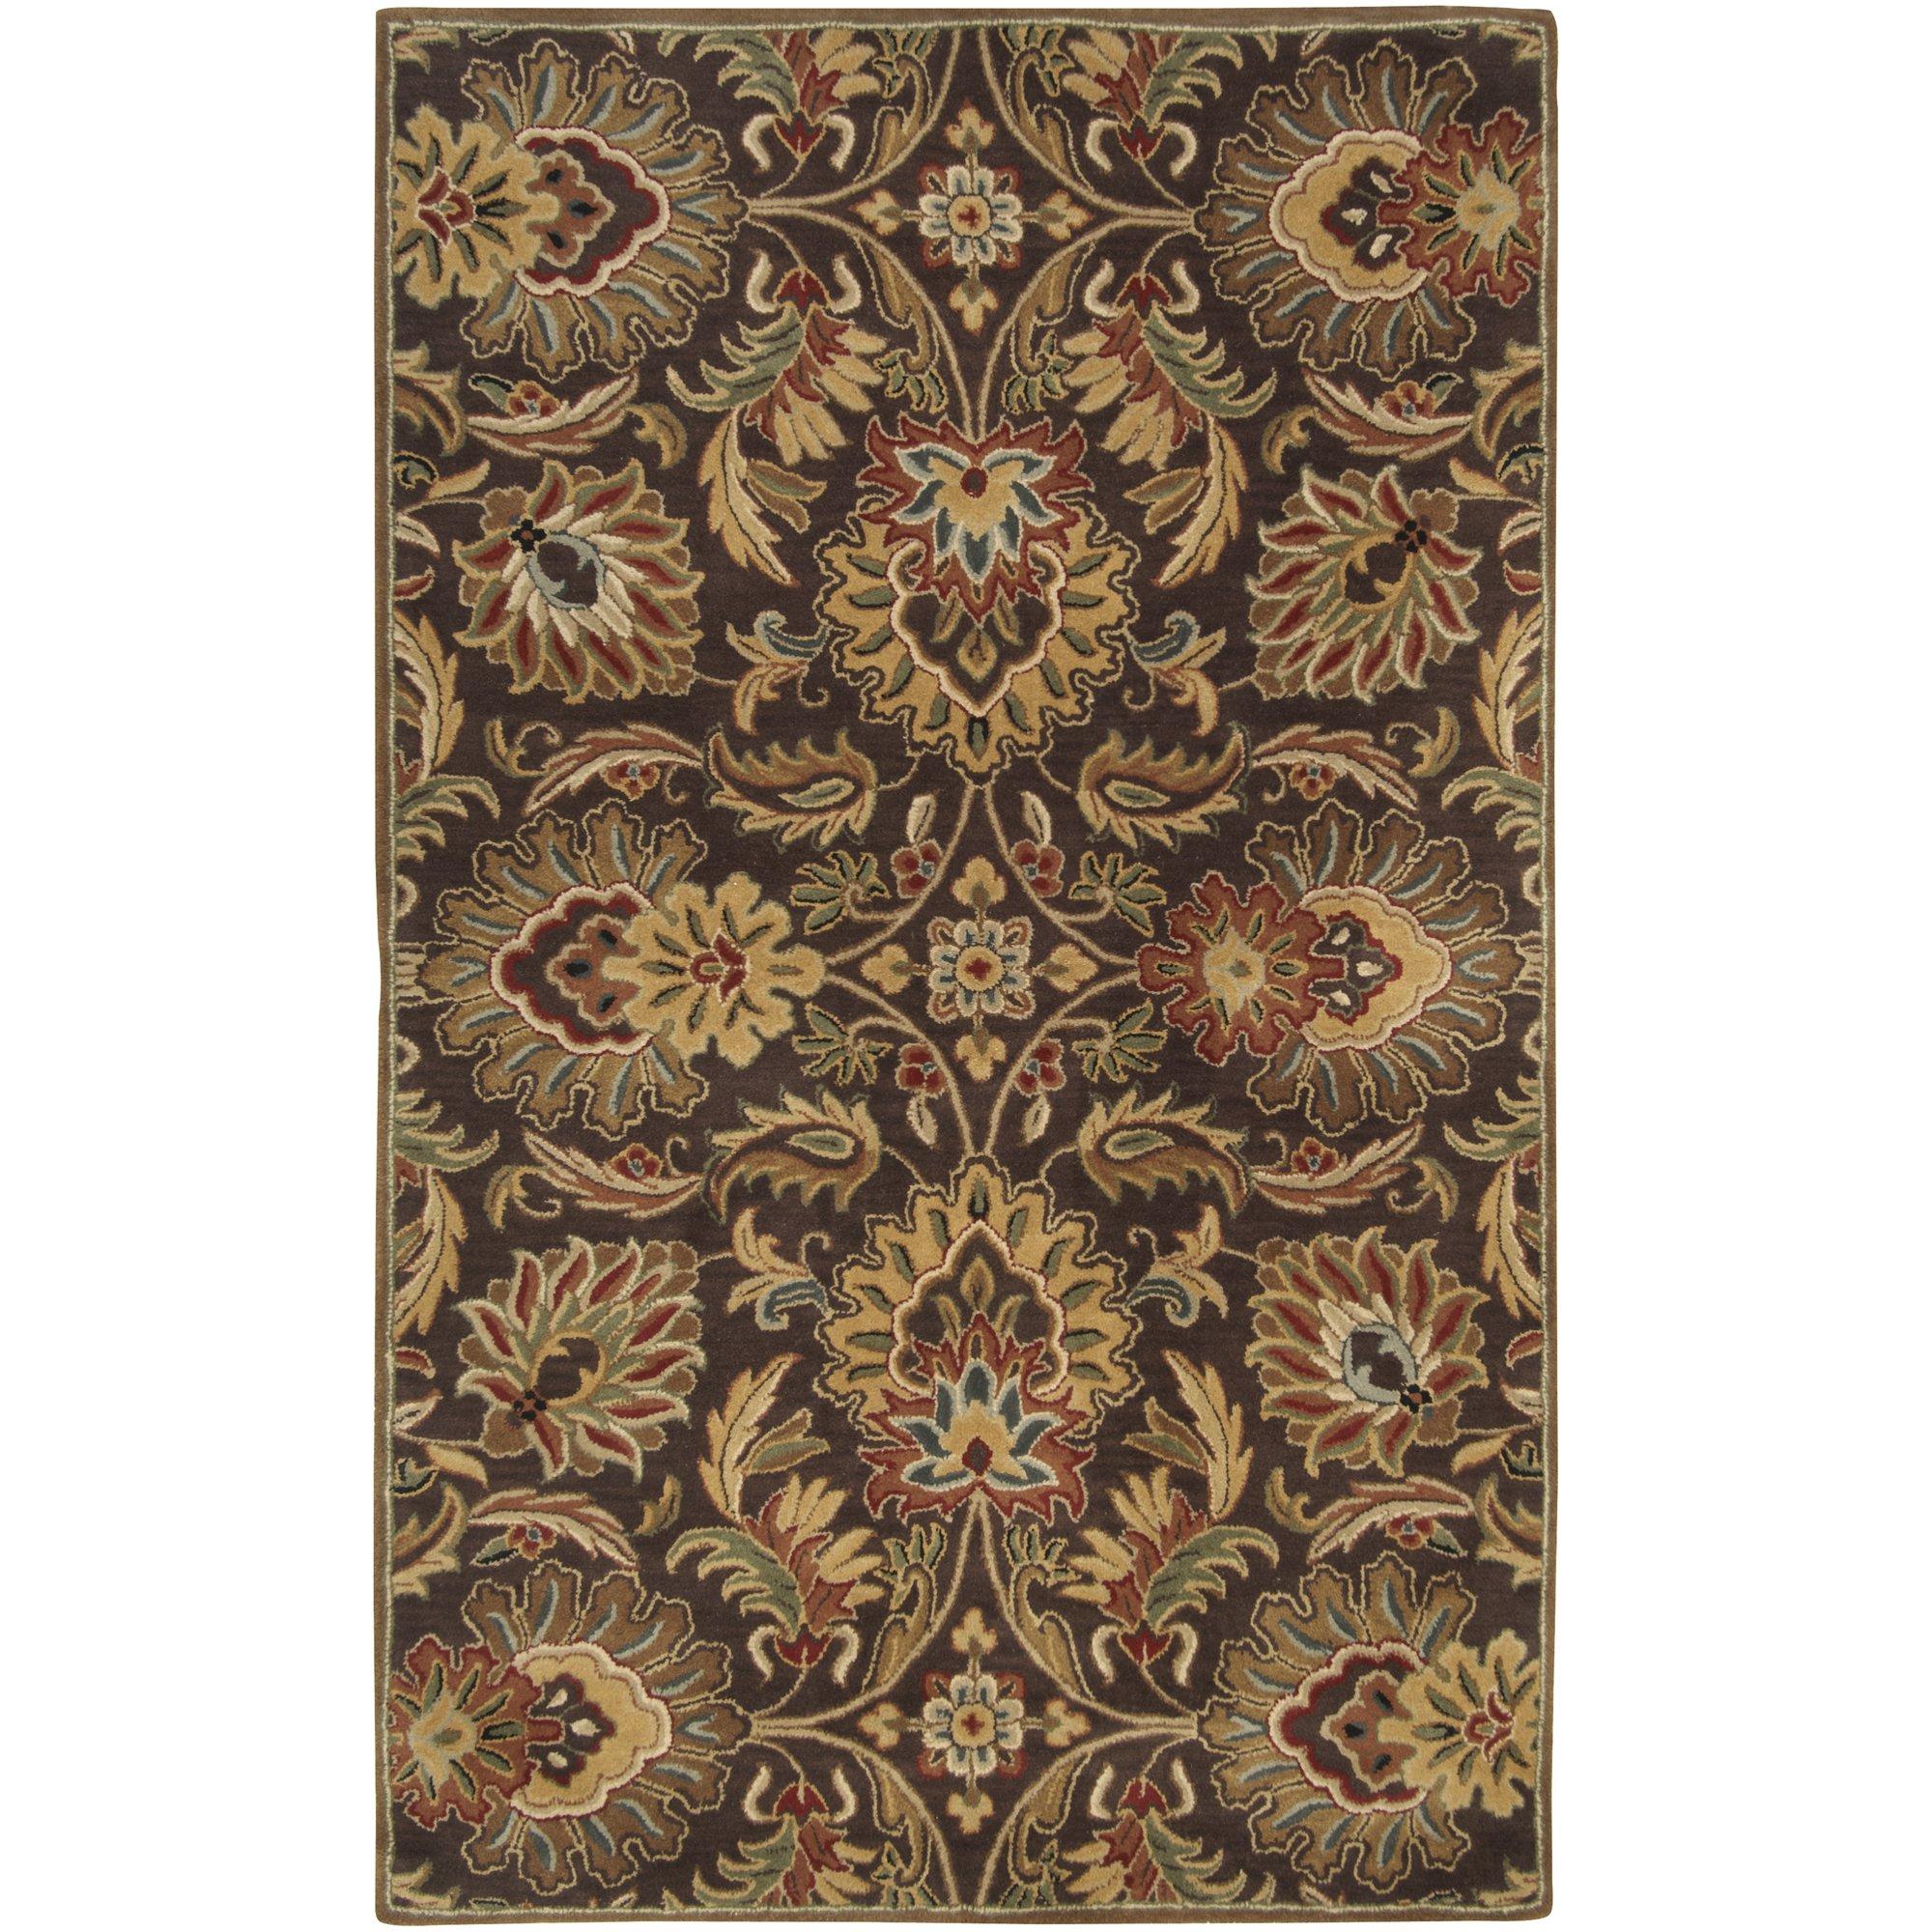 Surya Caesar CAE-1028 Classic Hand Tufted 100% Wool Dark Chocolate 2'6'' x 8' Traditional Runner